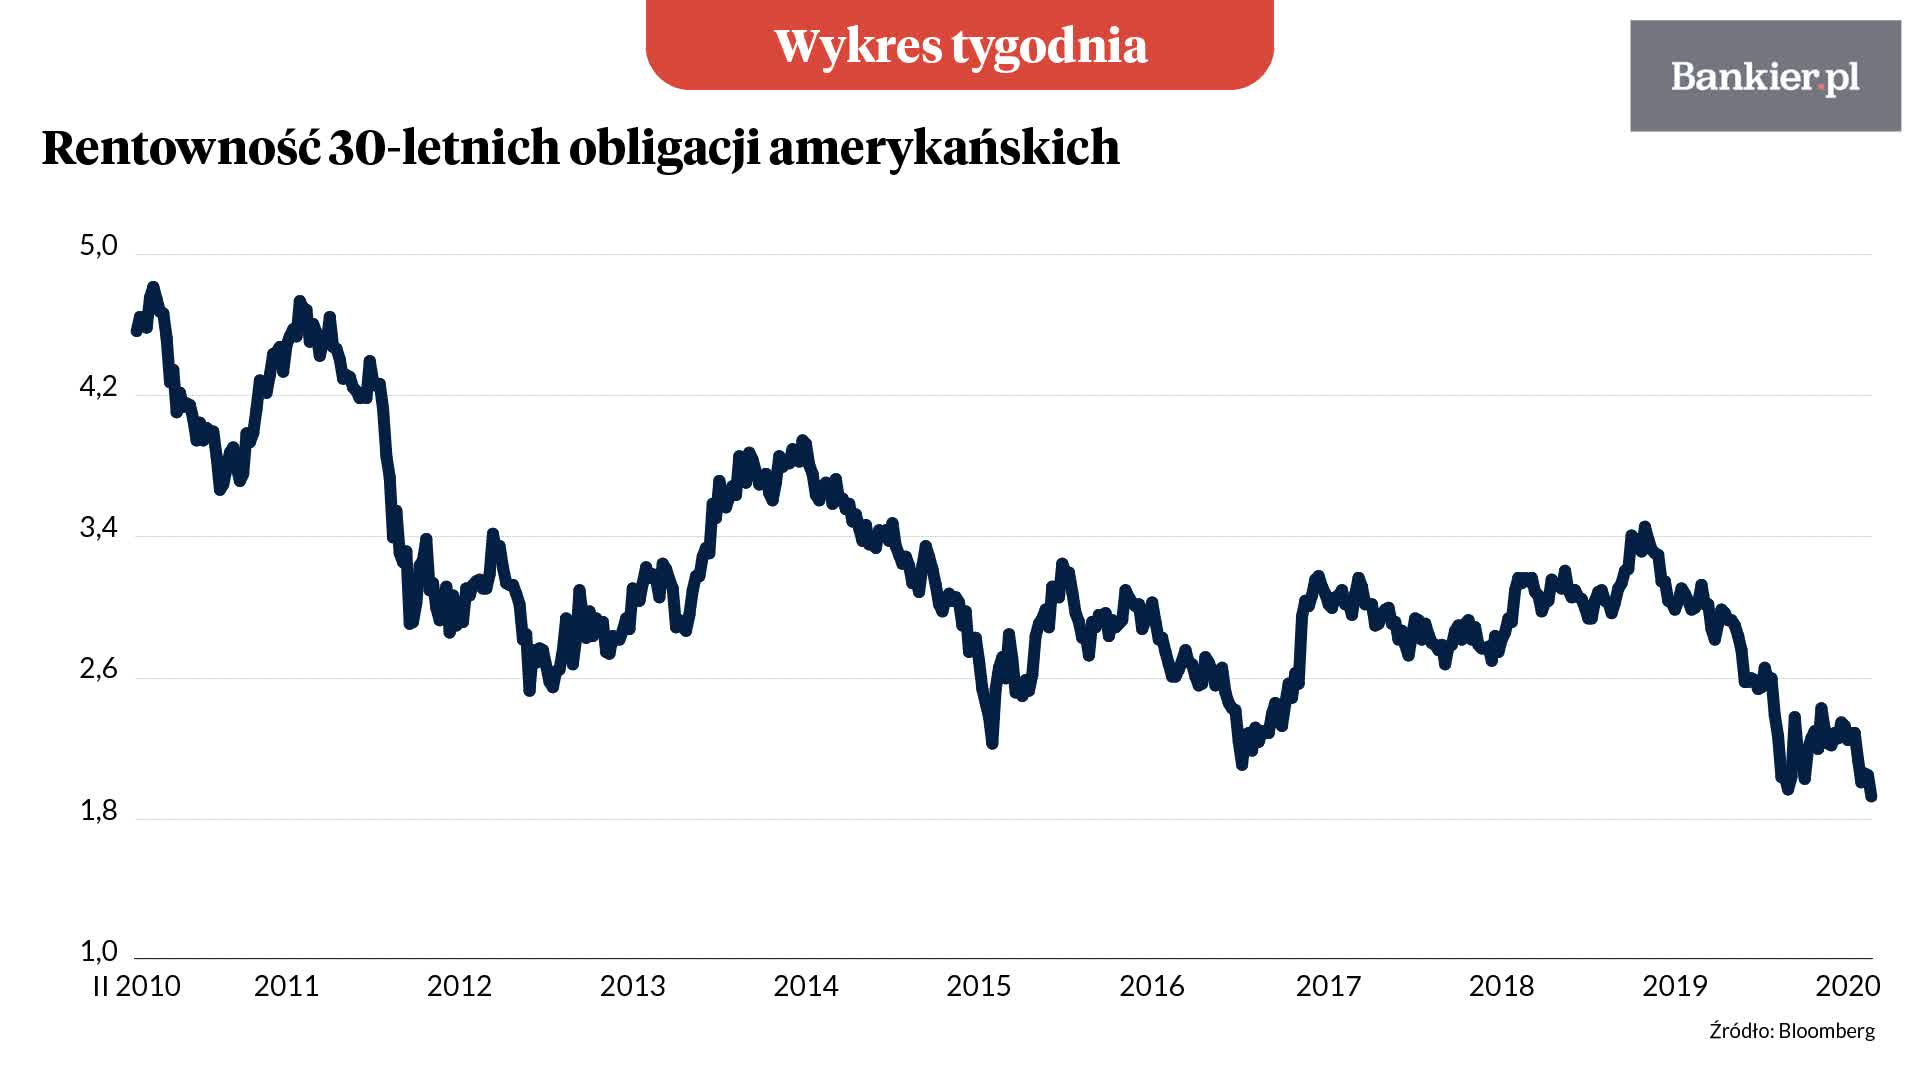 Wykres tygodnia: Sprzeczne emocje targają amerykańskim rynkiem